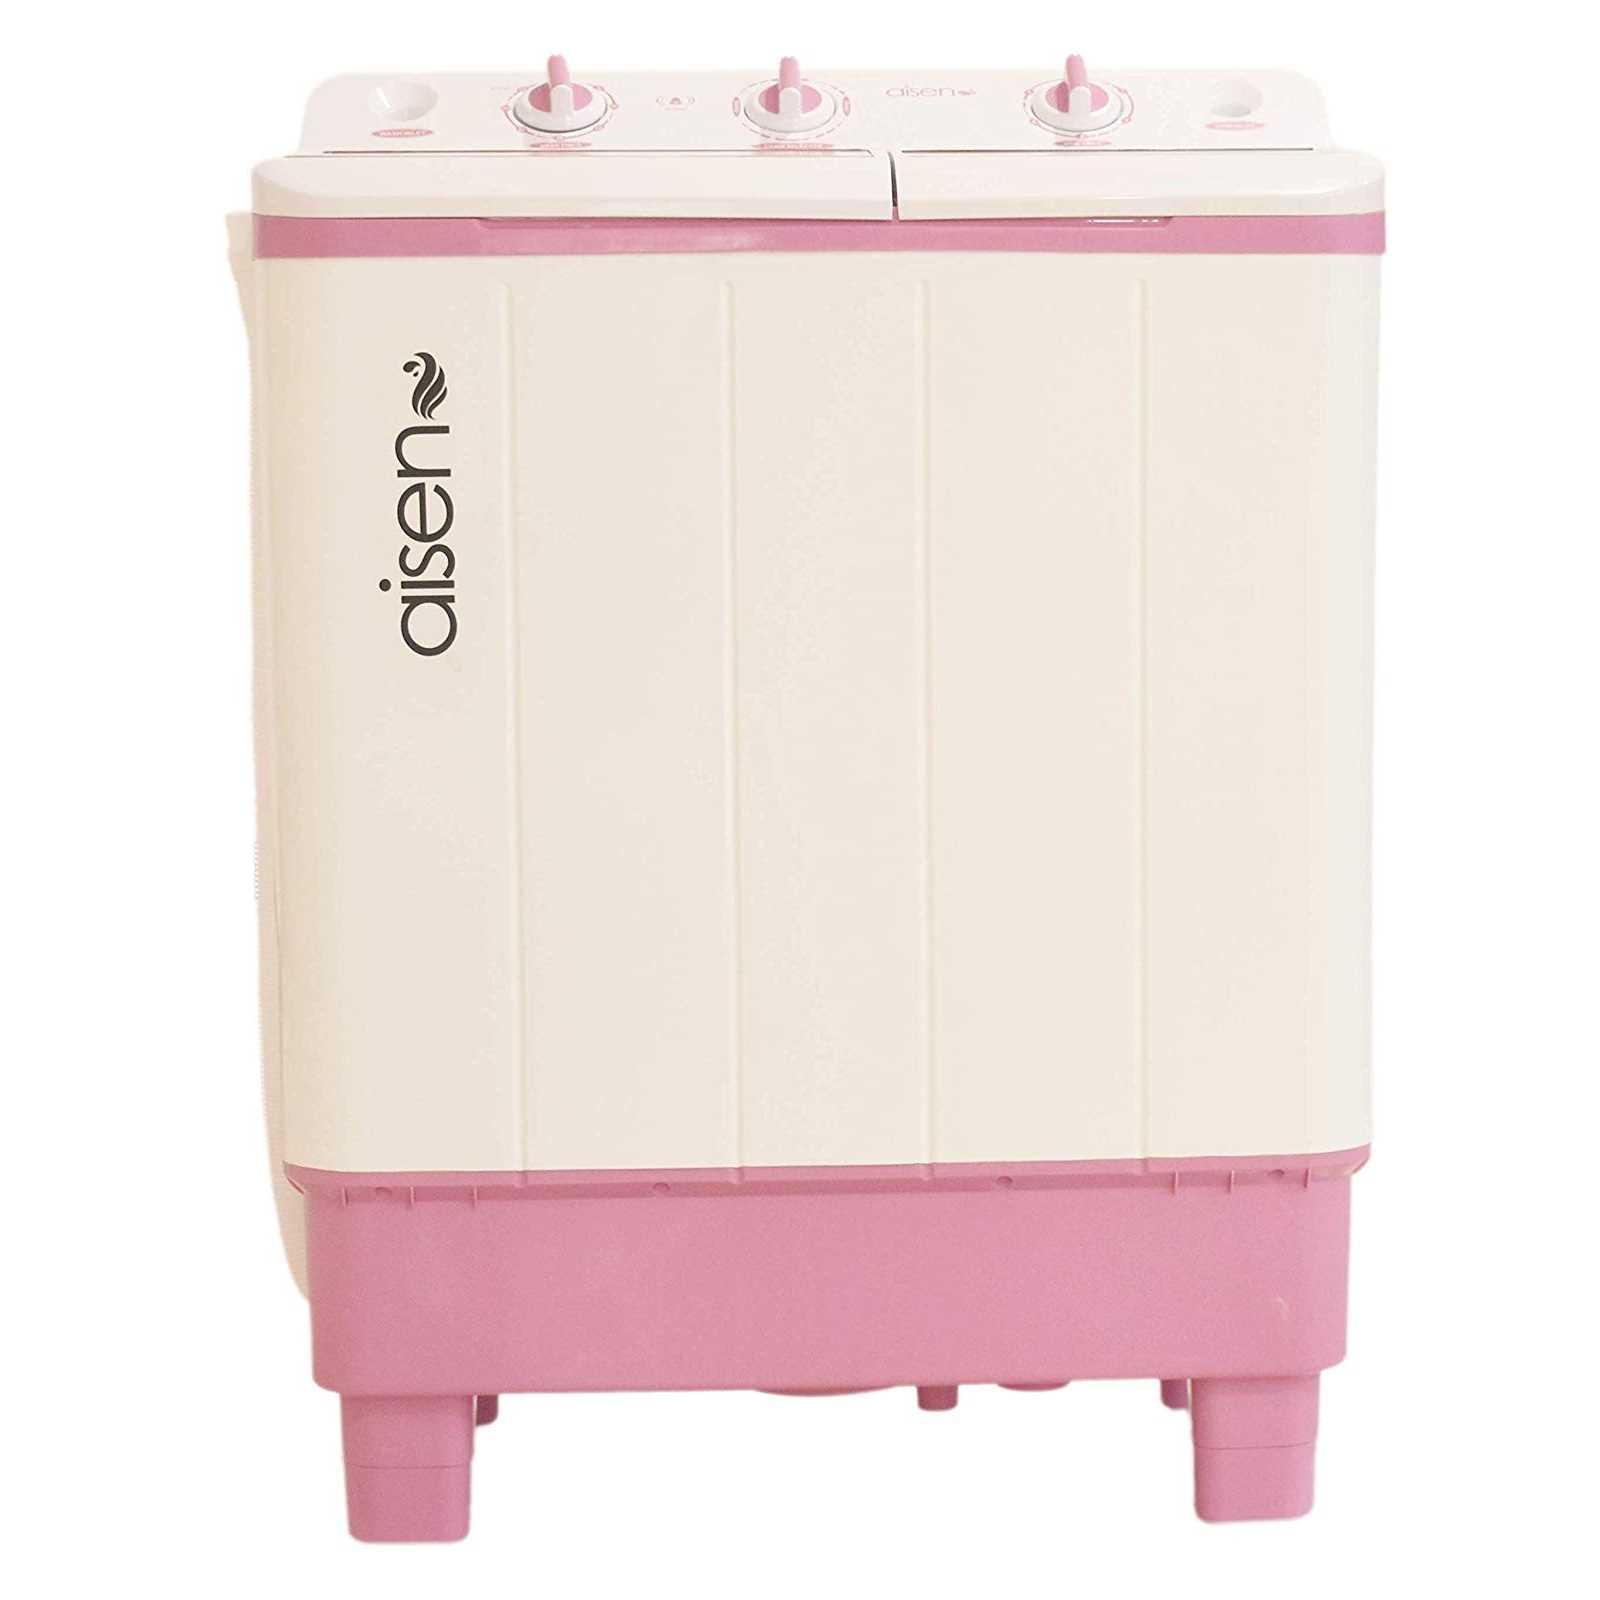 Aisen A70SWT610 7 Kg Twin Tub Washing Machine